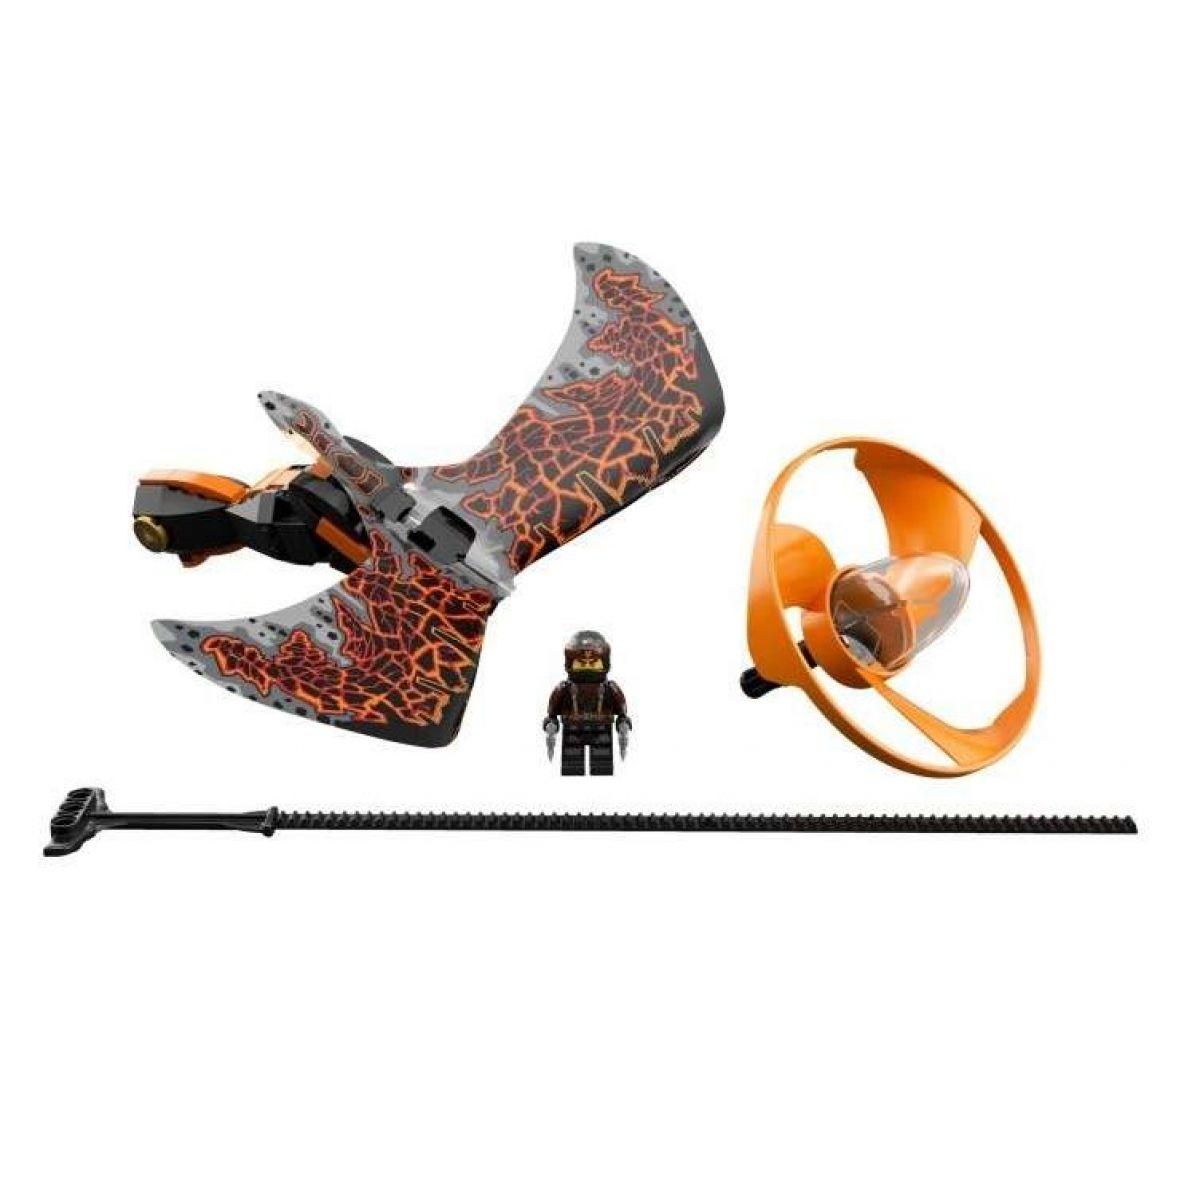 LEGO Ninjago 70645 Cole - Dračí mistr #2